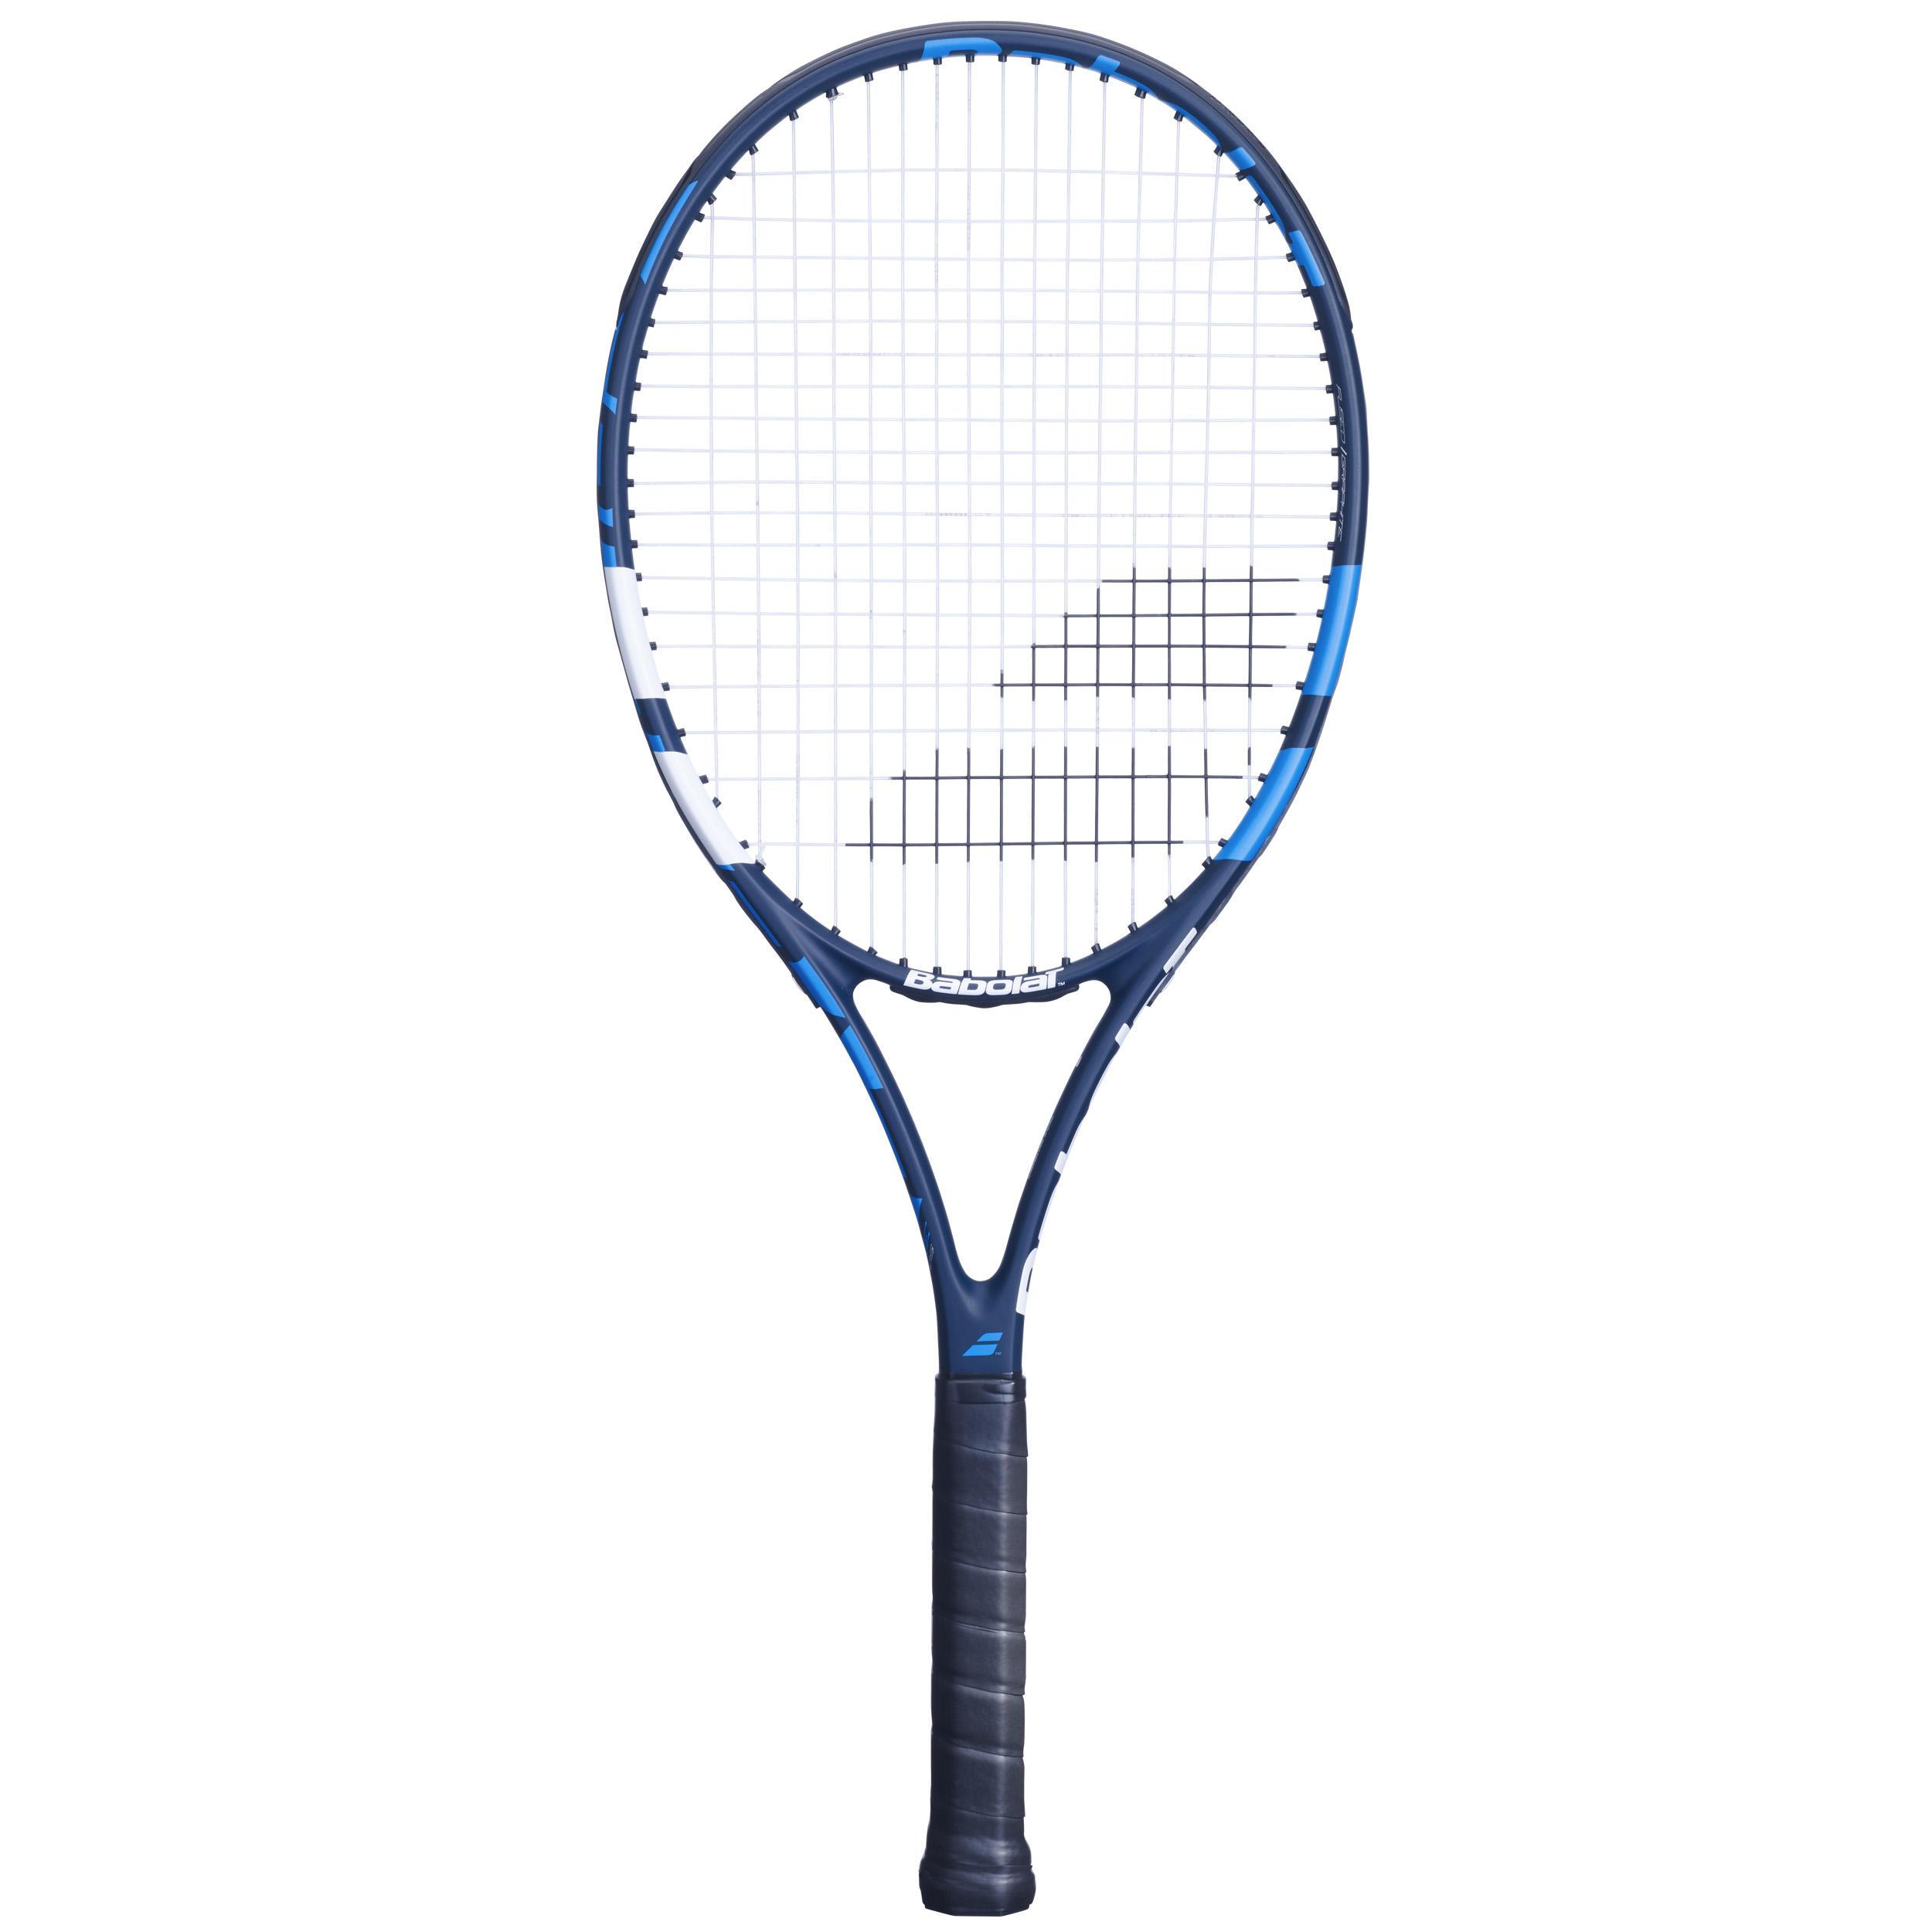 Rachetă Tenis BABOLAT EVOKE105 imagine